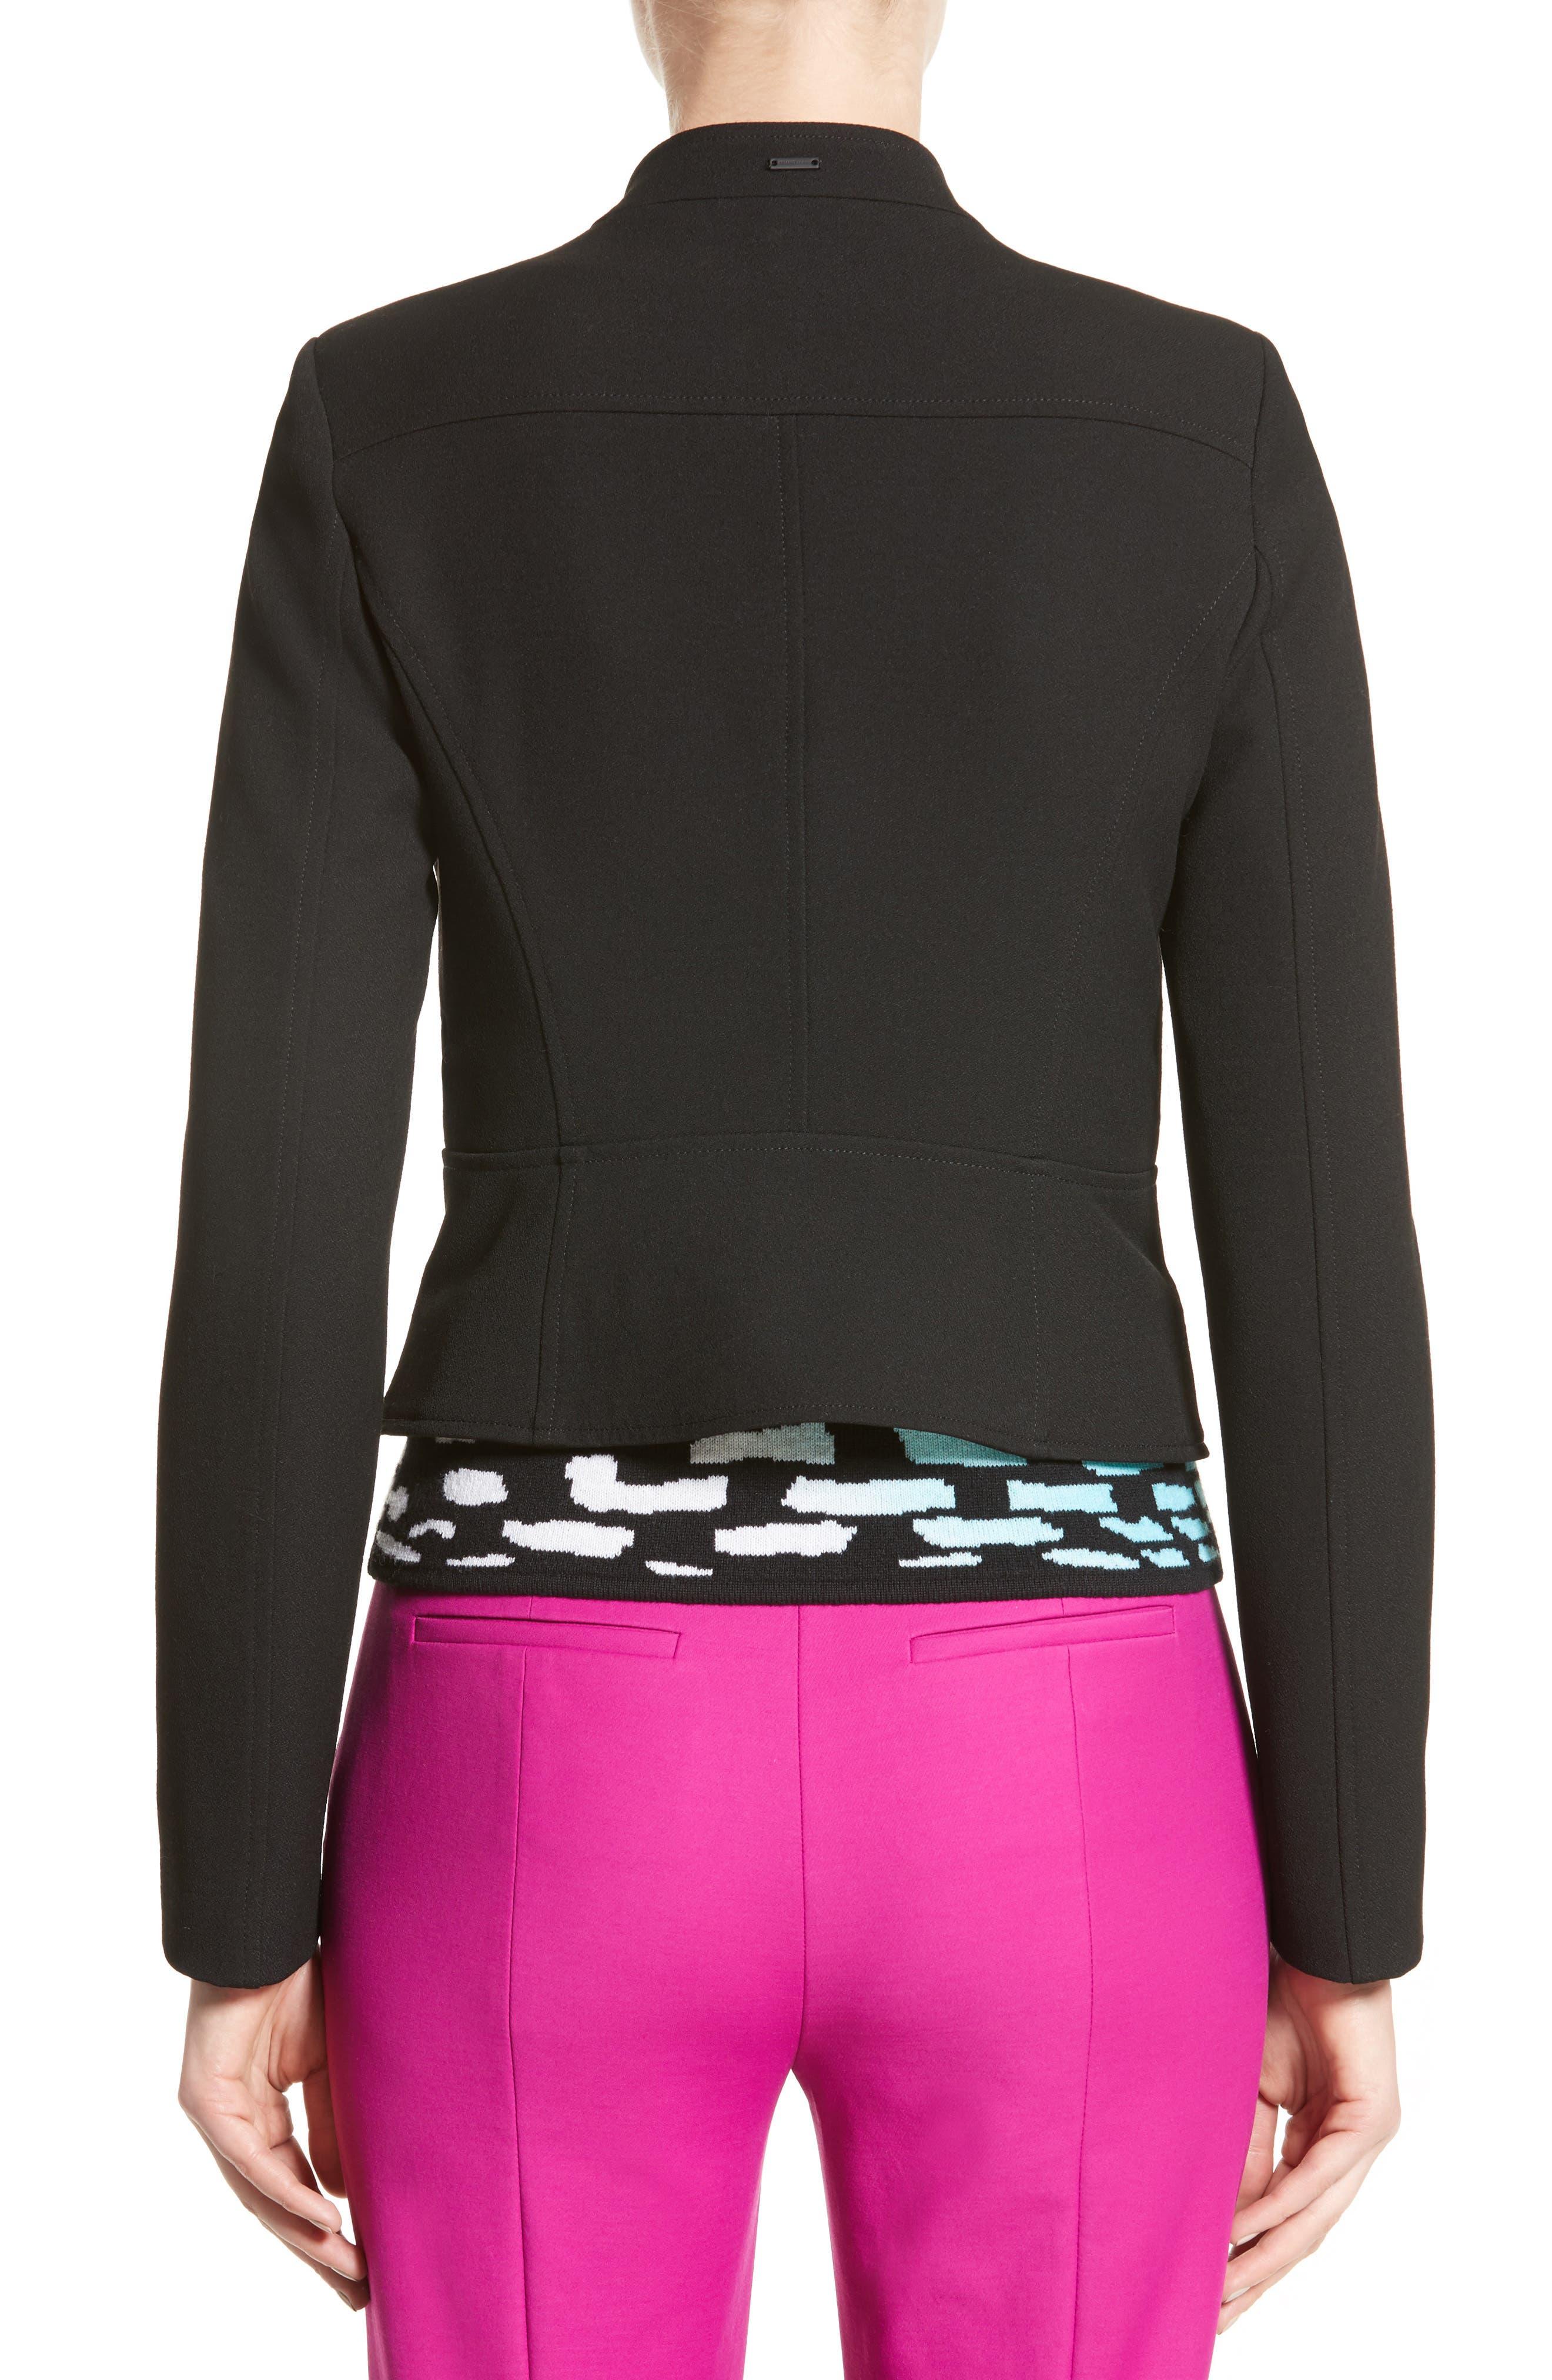 Armani Jeans Crepe Moto Jacket,                             Alternate thumbnail 2, color,                             Black